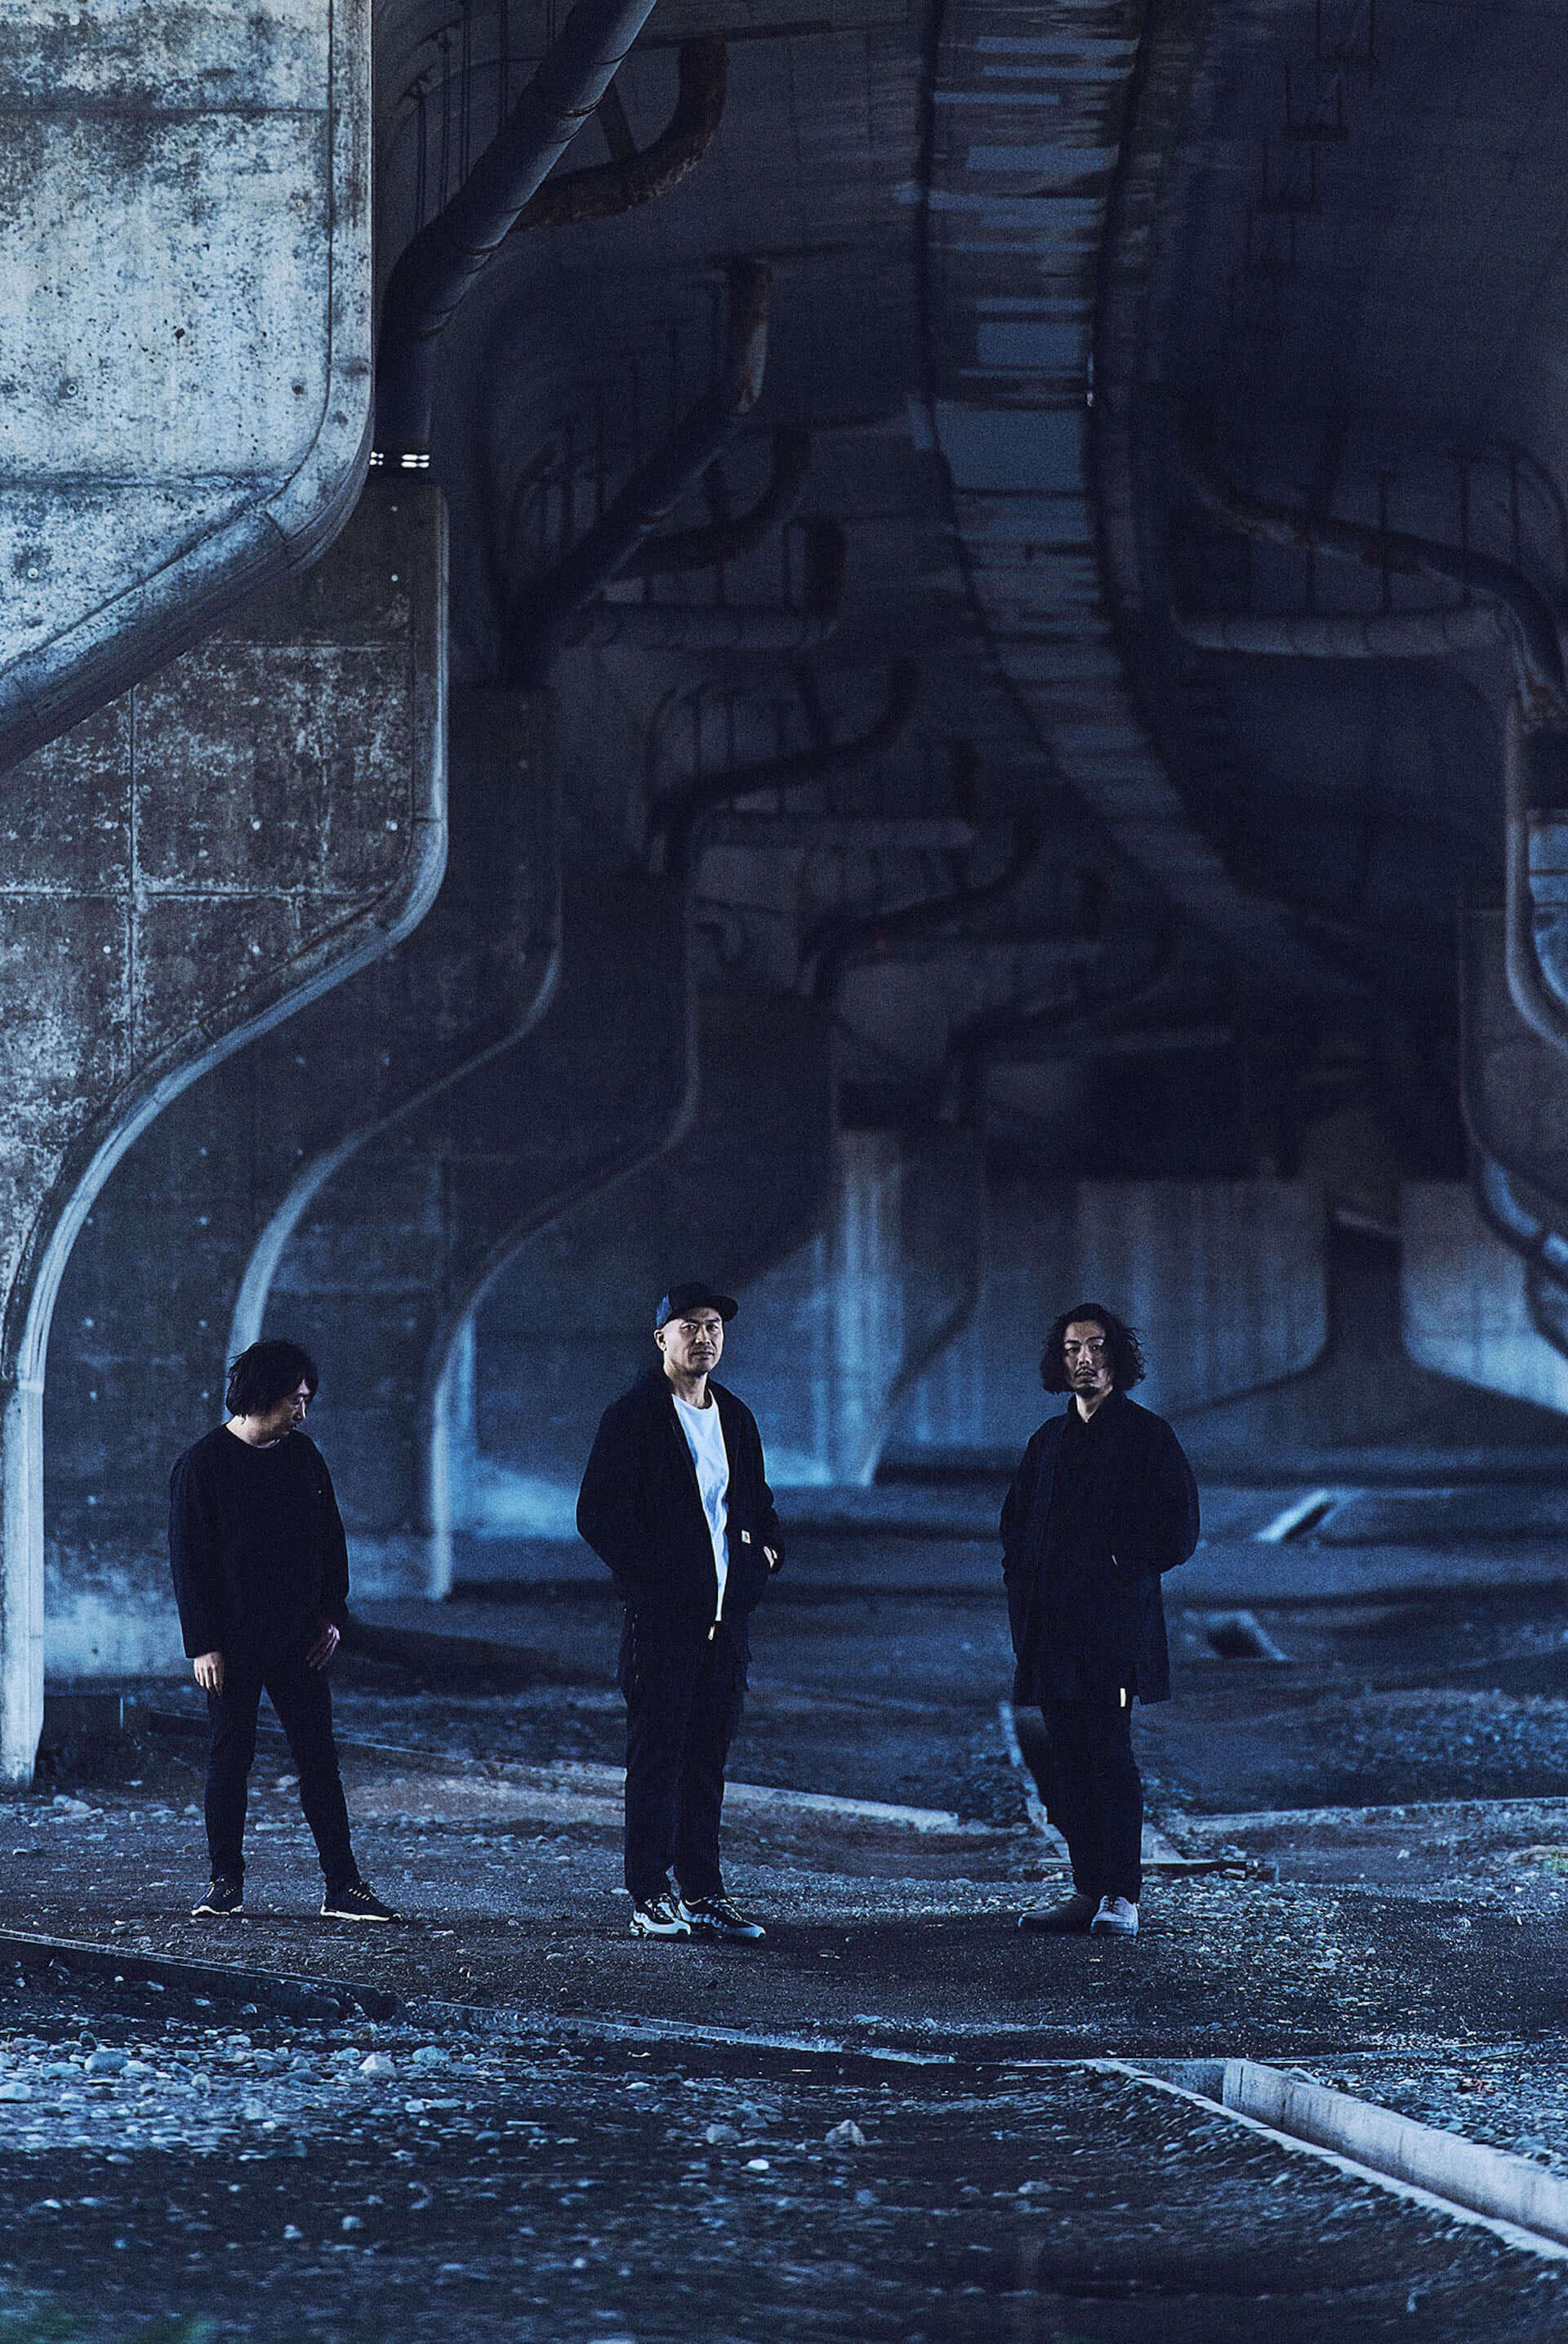 THA BLUE HERB、最新シングル「ING/それから」を10月2日にリリース!最新セルフタイトルアルバムを引っさげてのツアー敢行中 music190912_thablueherb_2-1920x2870